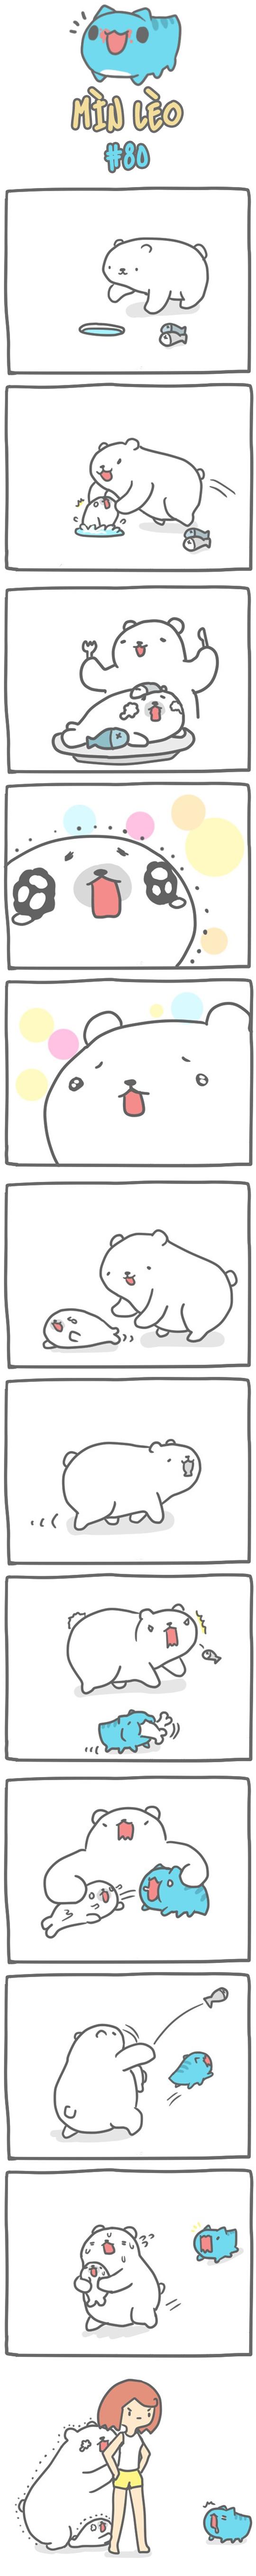 Truyện Mìn Lèo #80: Gấu bắc cực